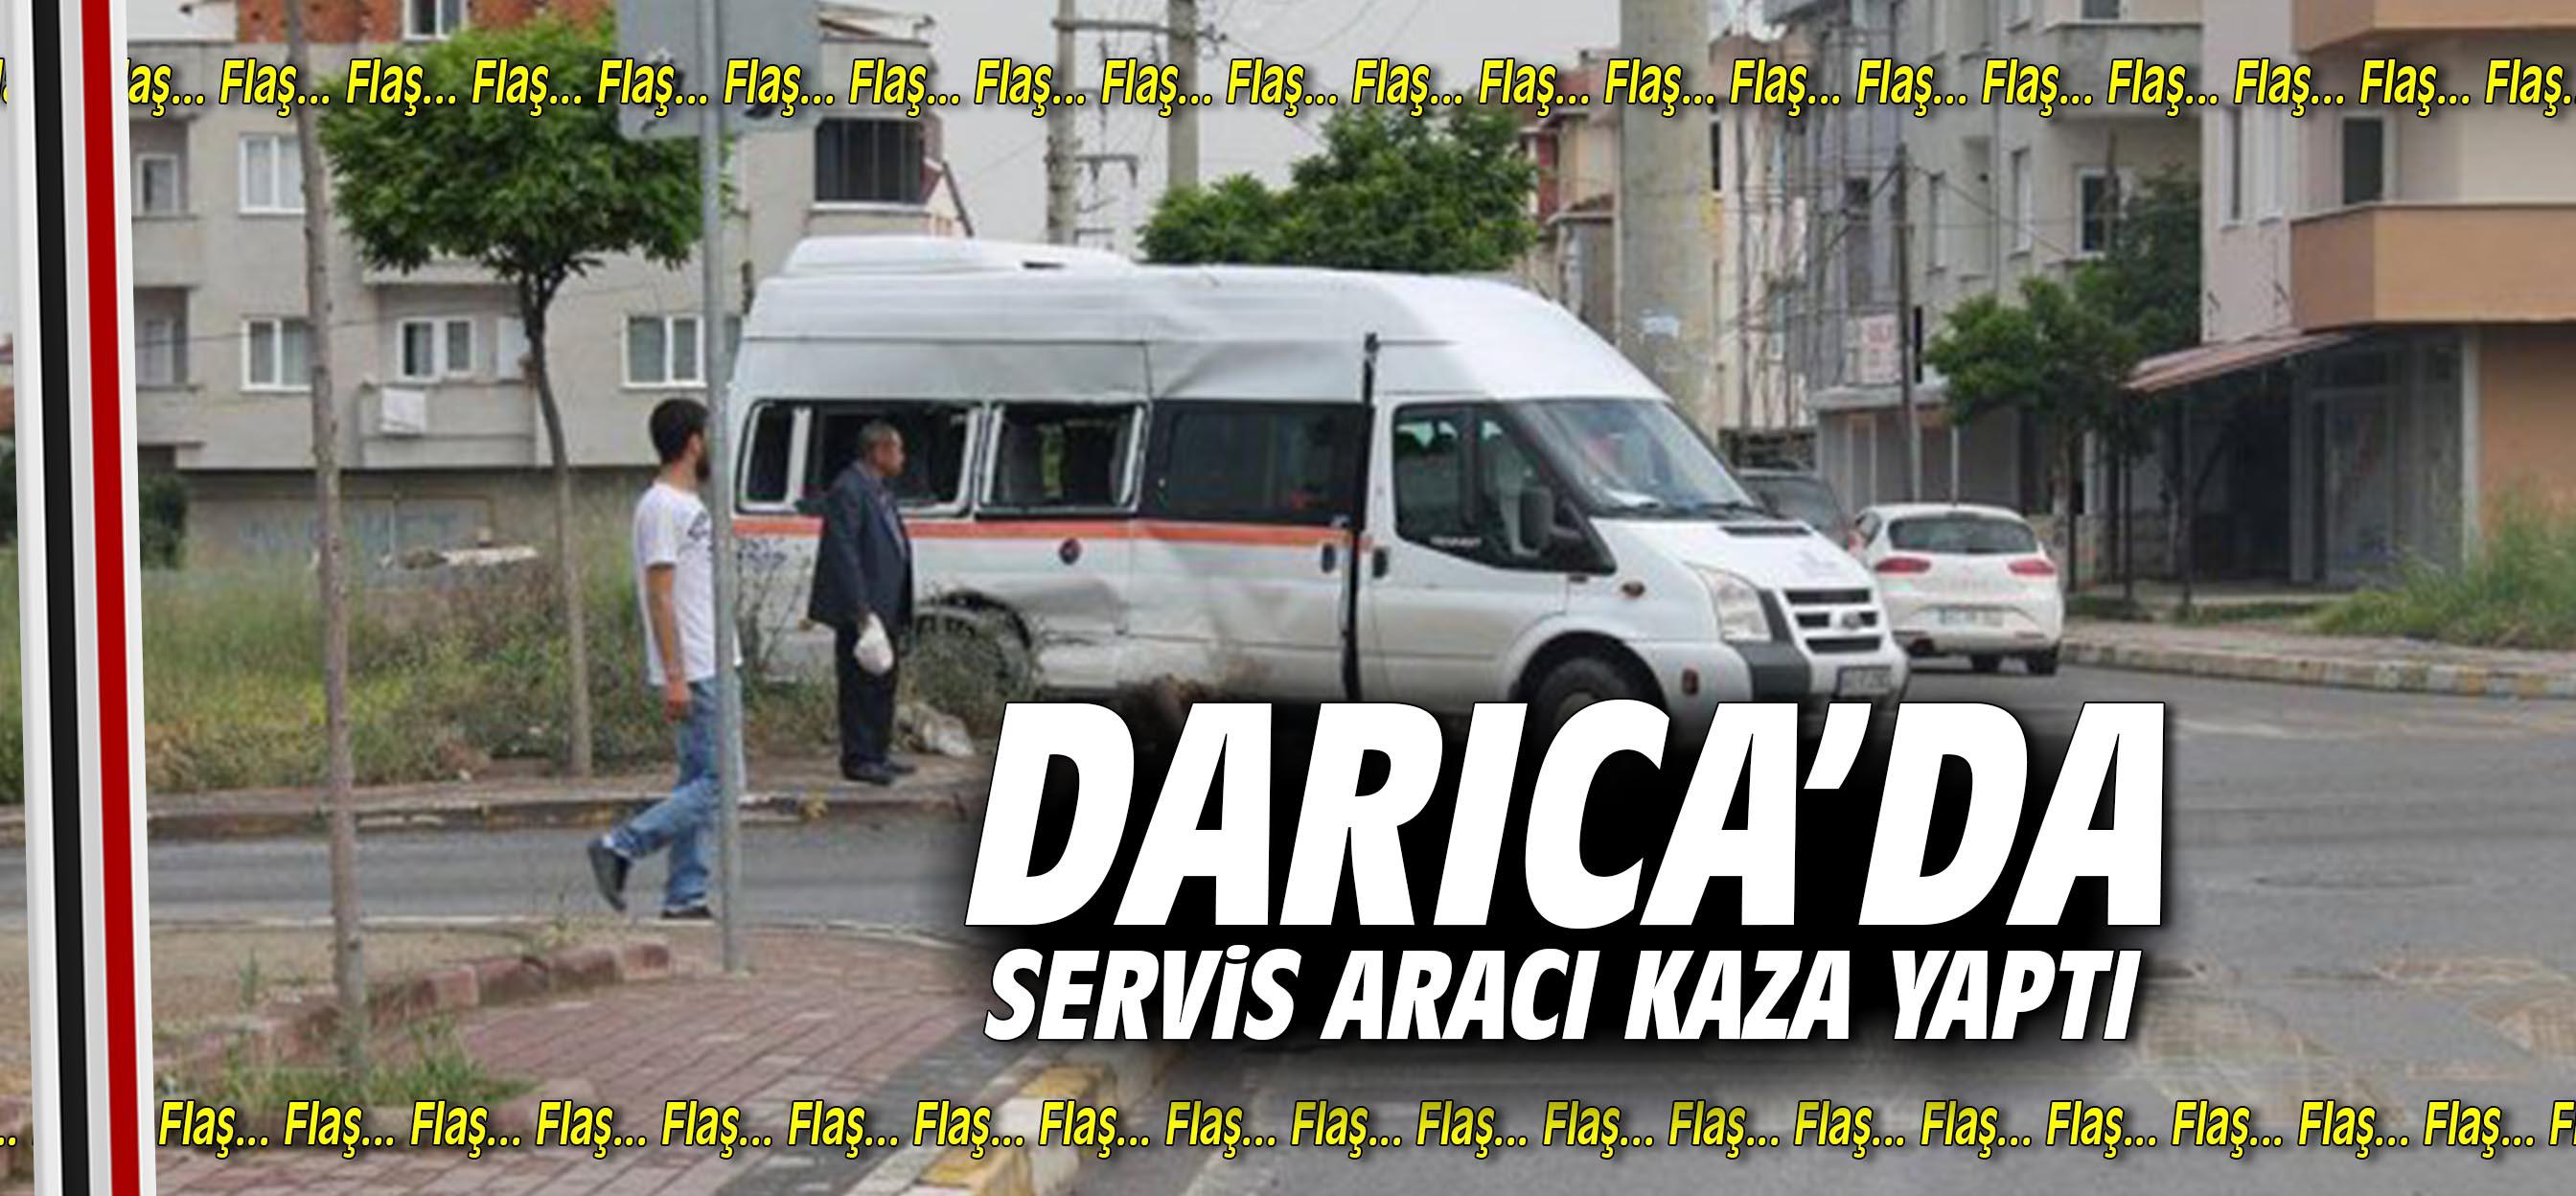 Darıca'da servis aracı kaza yaptı